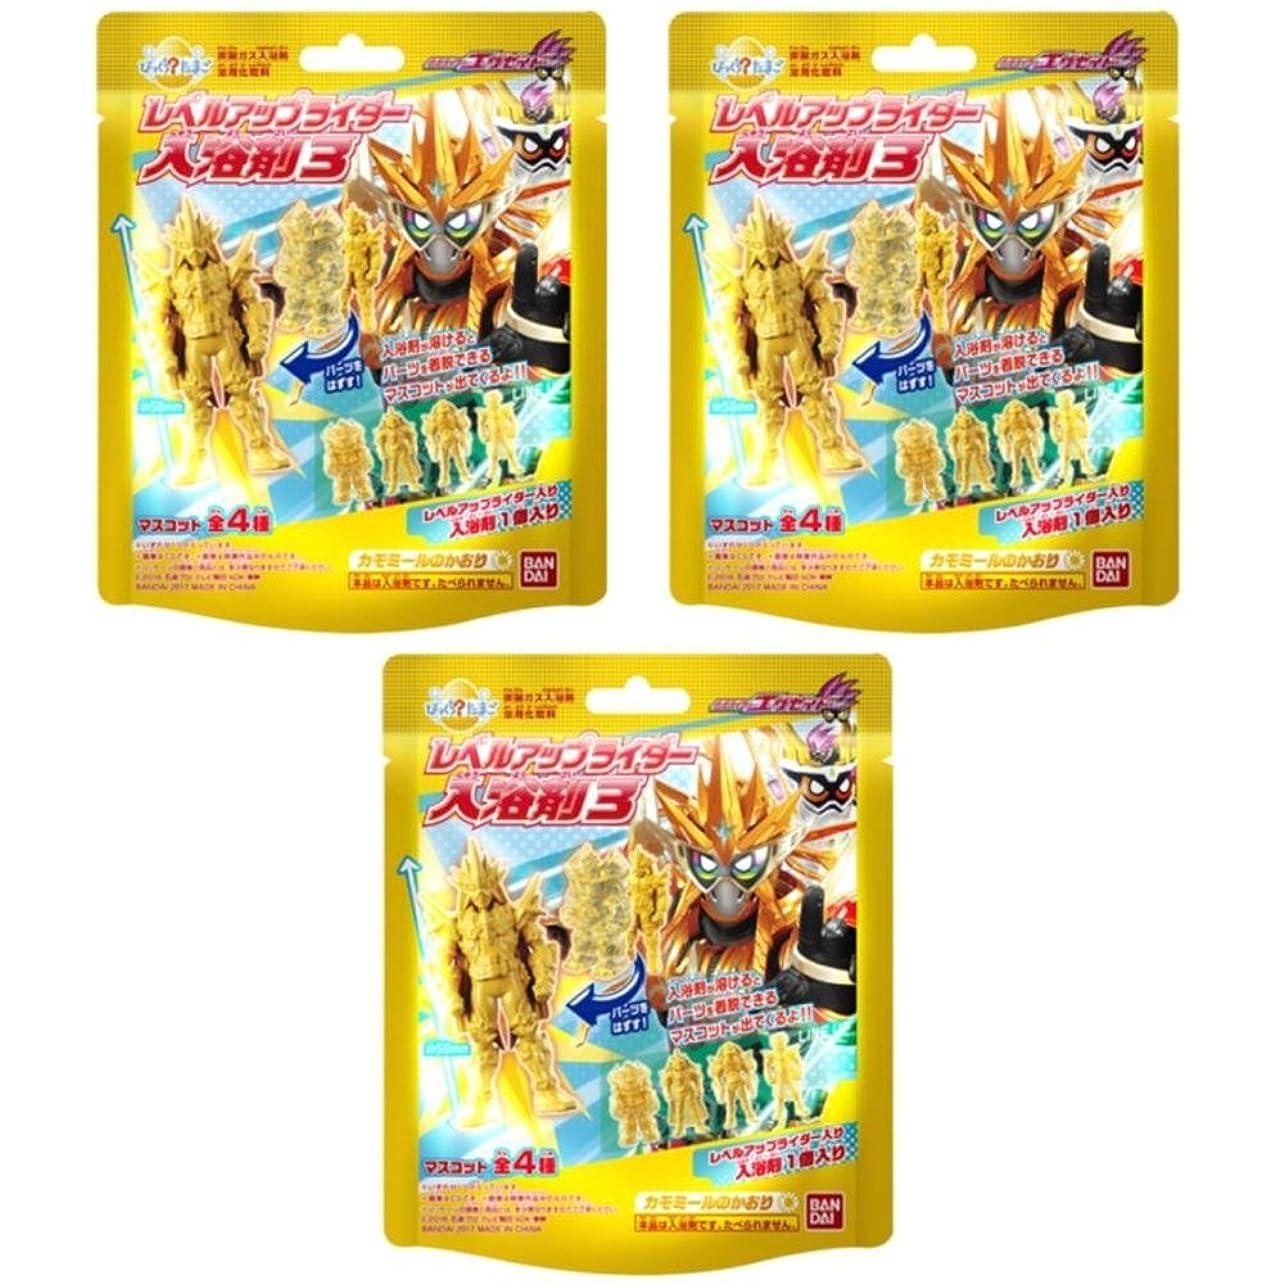 タンパク質抵抗する種バンダイライフ びっくらたまご 入浴剤 仮面ライダーエグゼイド レベルアップライダー入浴剤3 3個セット